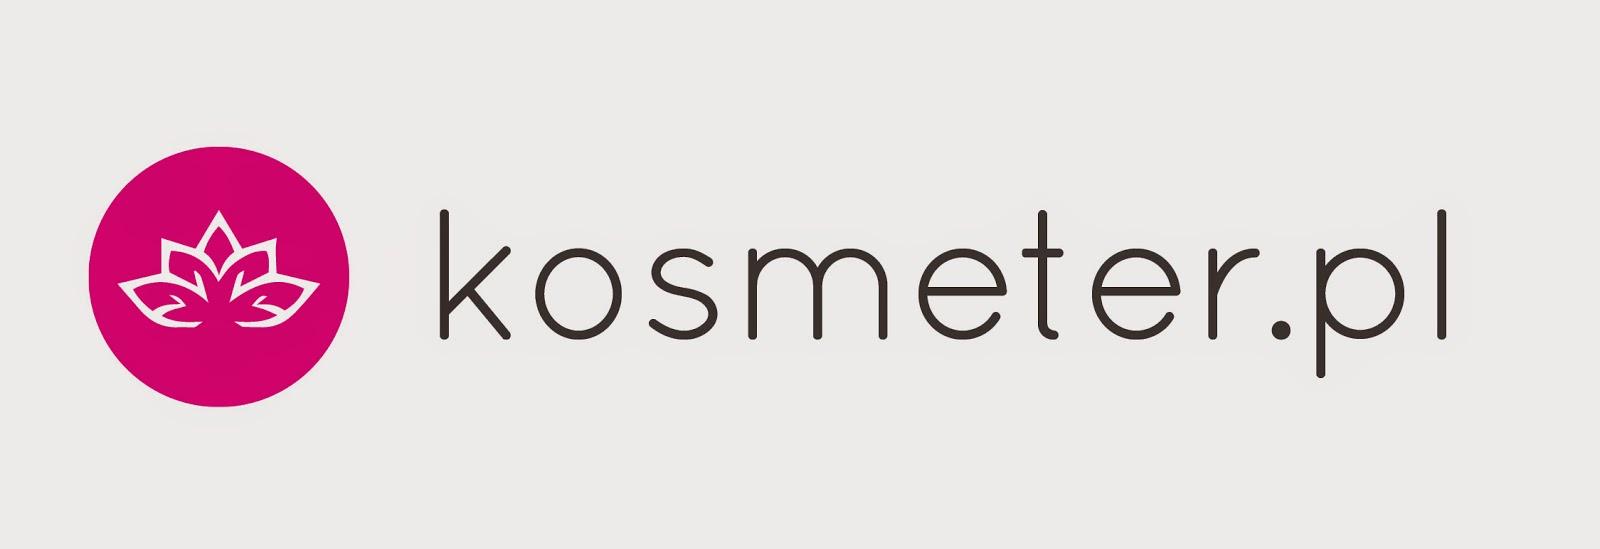 Kosmeter.pl - nowy portal godny uwagi